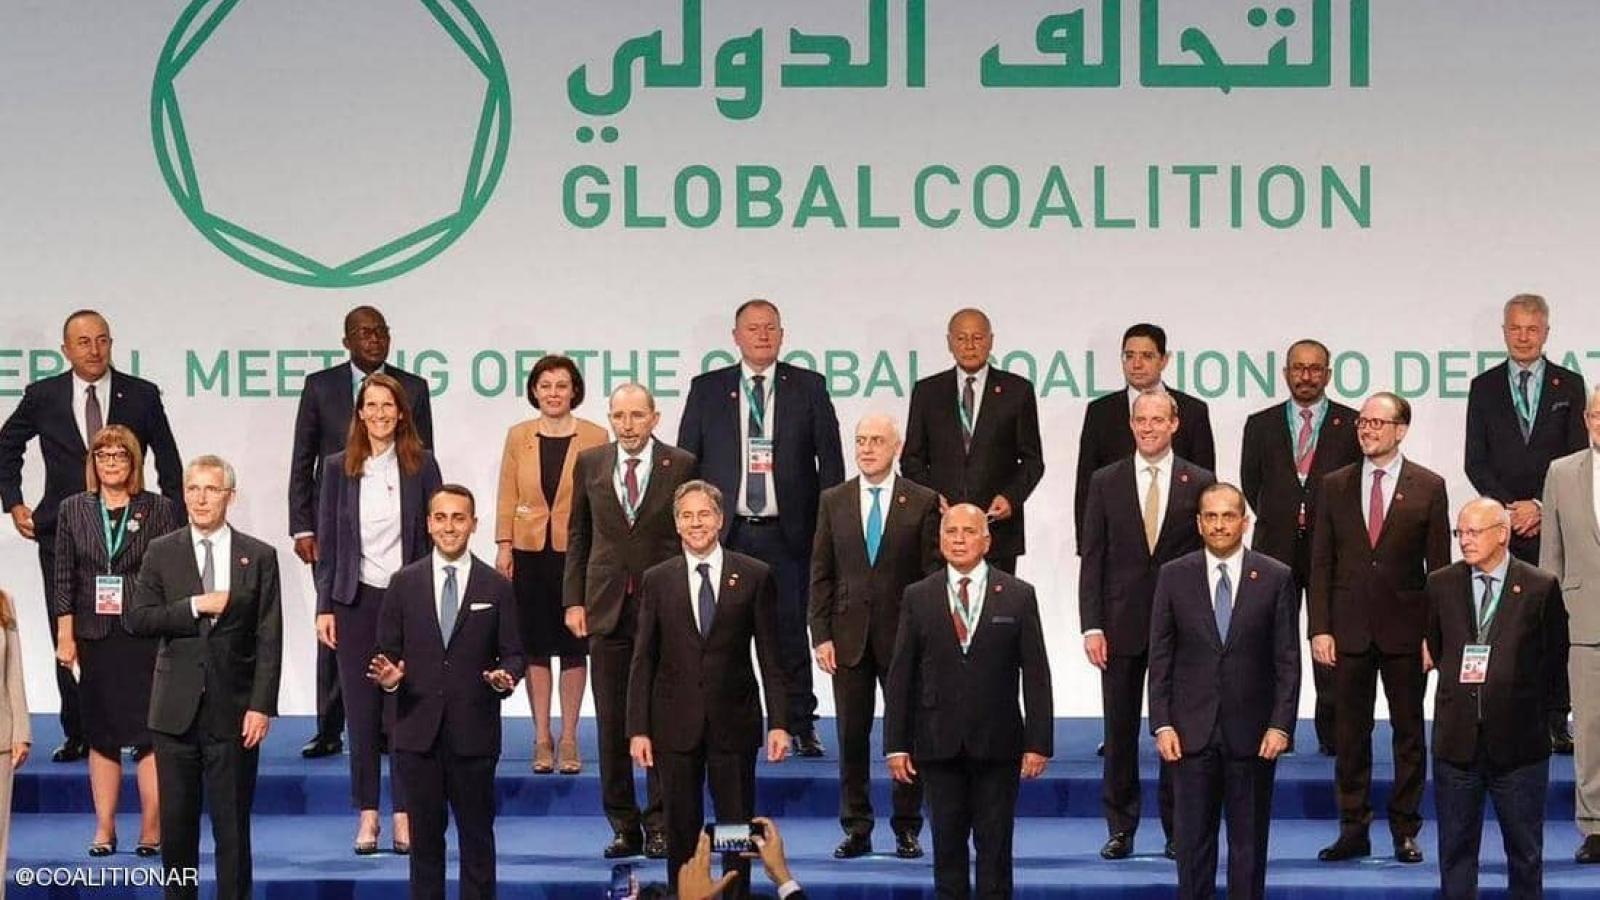 Giải pháp chính trị là cách duy nhất để chấm dứt cuộc khủng hoảng Syria